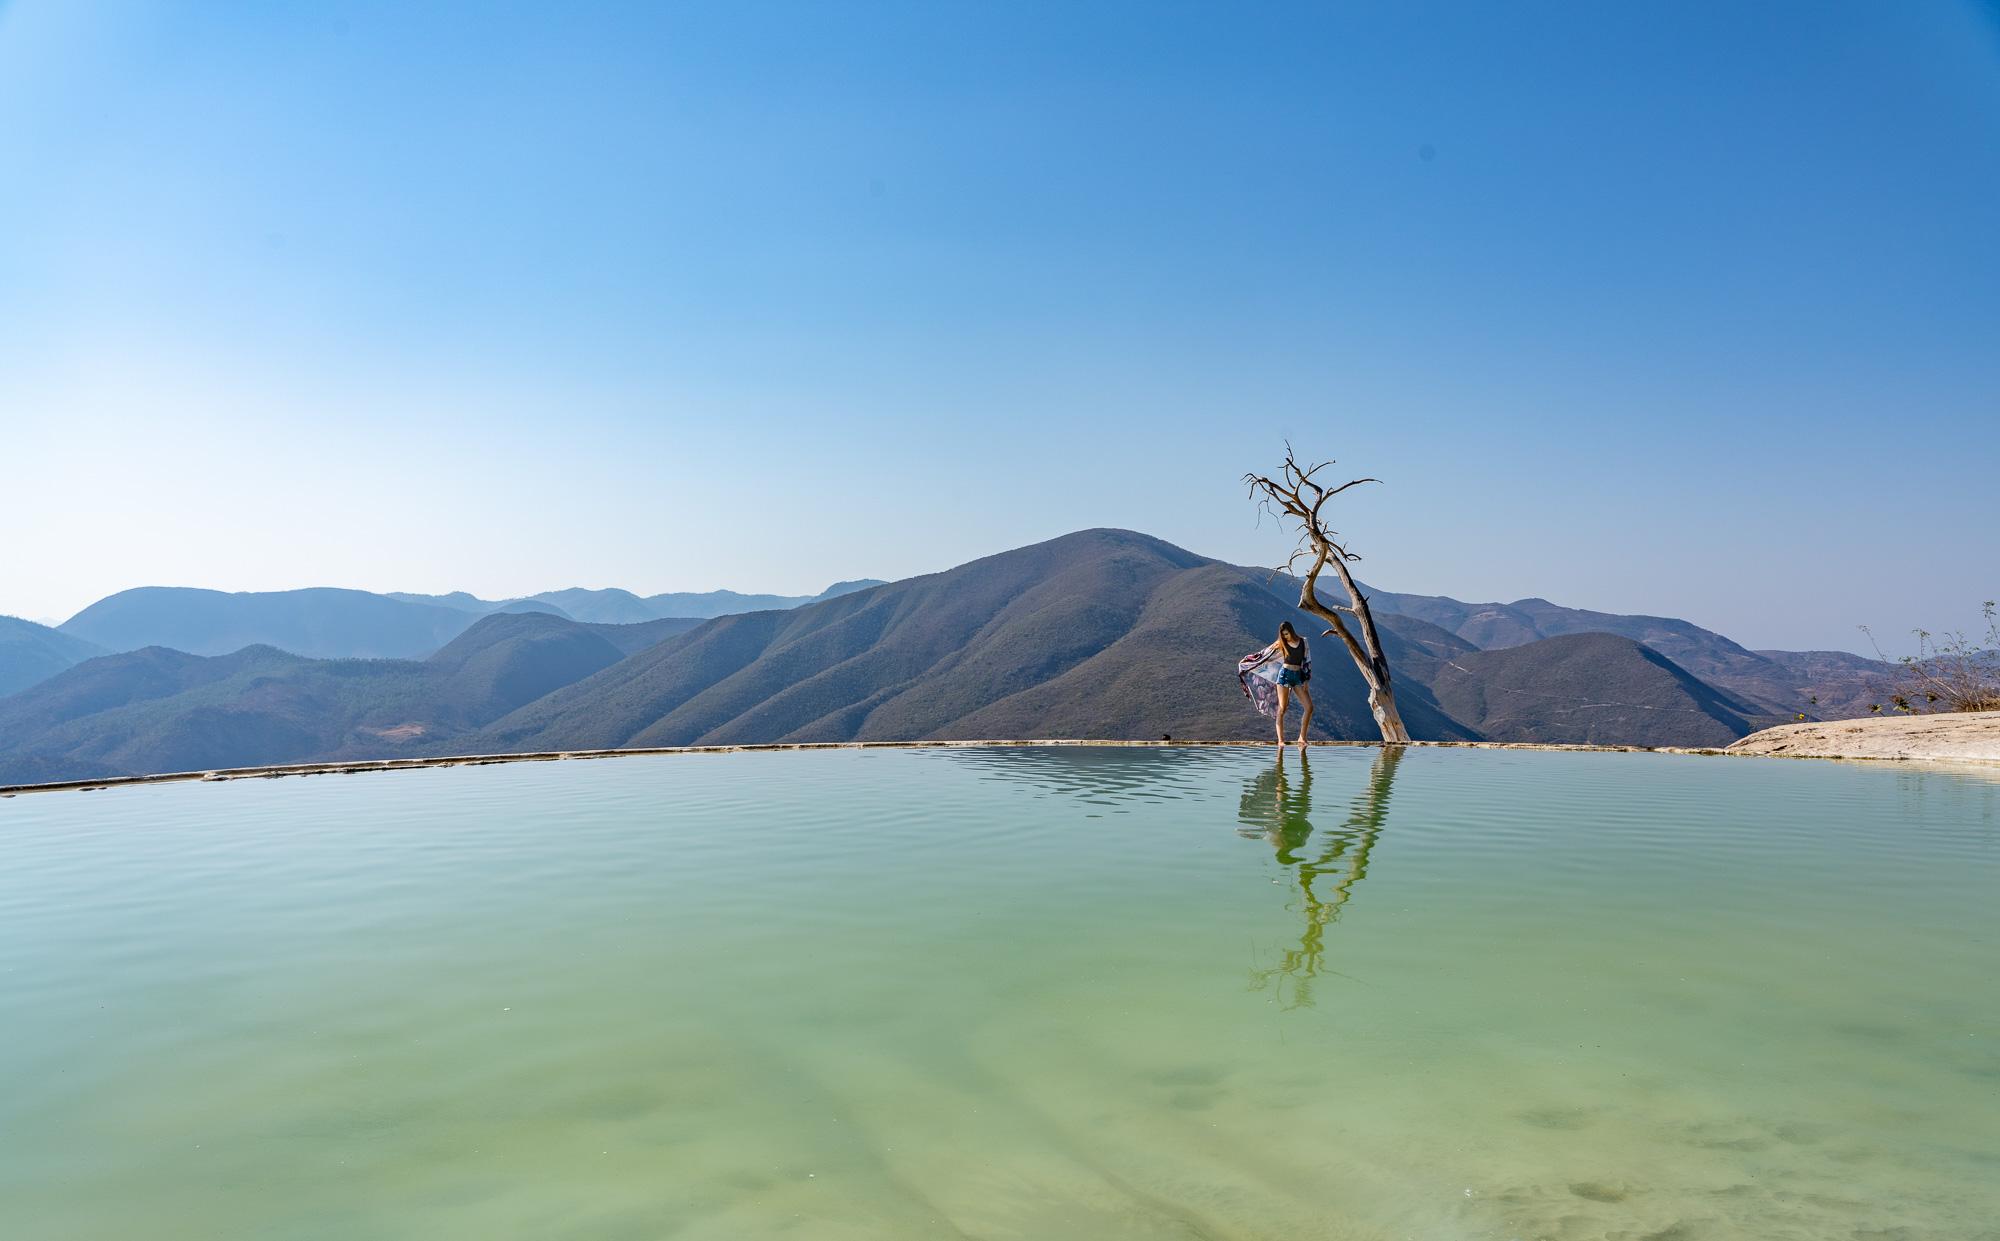 Beauty at the Hierve el Agua